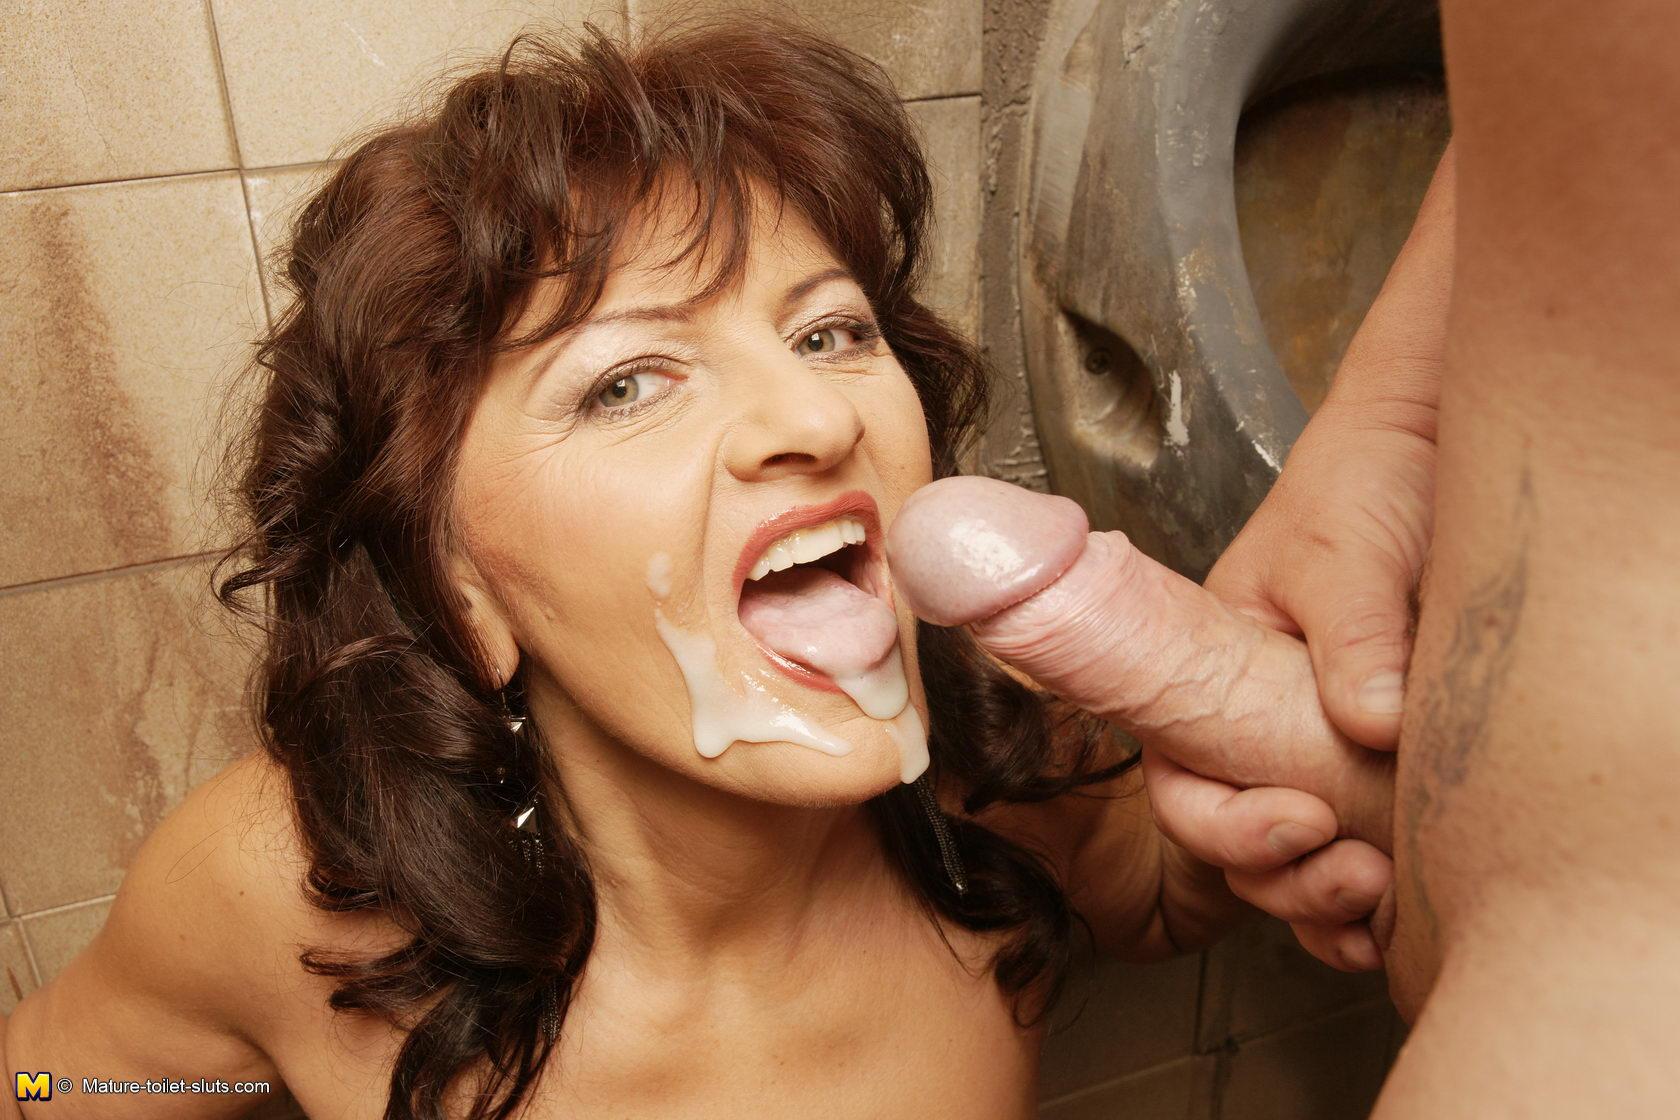 Случайный секс в туалете онлайн 19 фотография